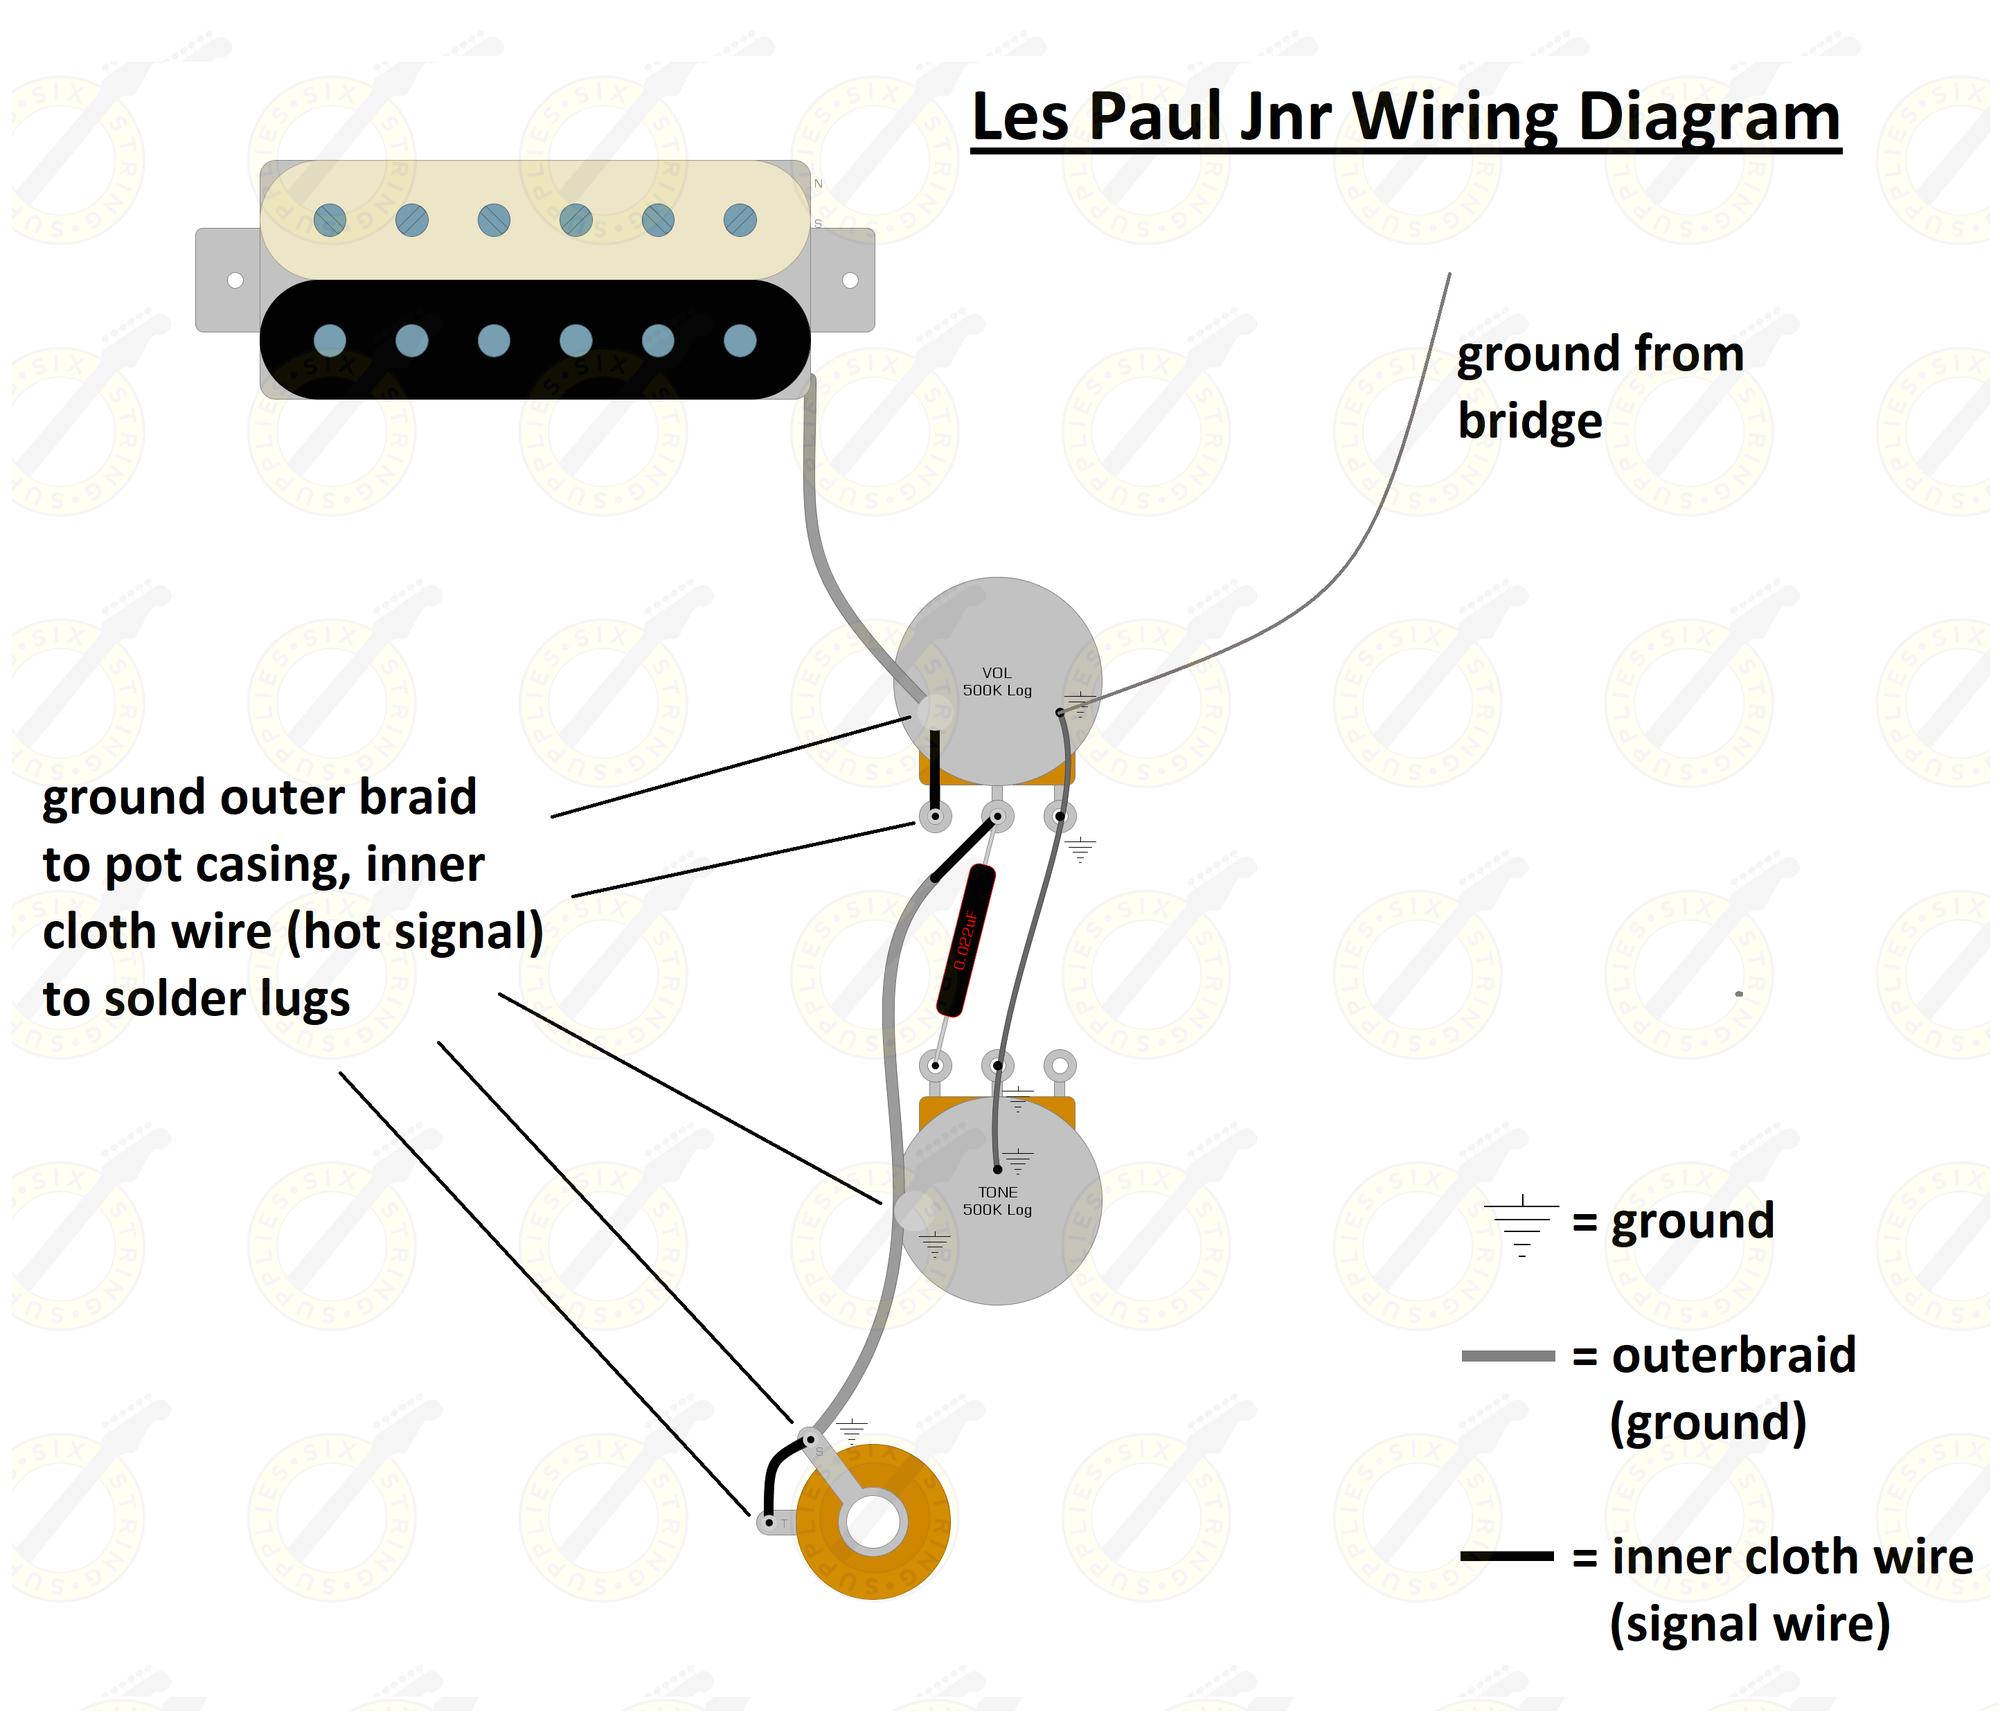 Les Paul Jr Wiring Diagram Image Of Les Paul Junior Wiring Kit